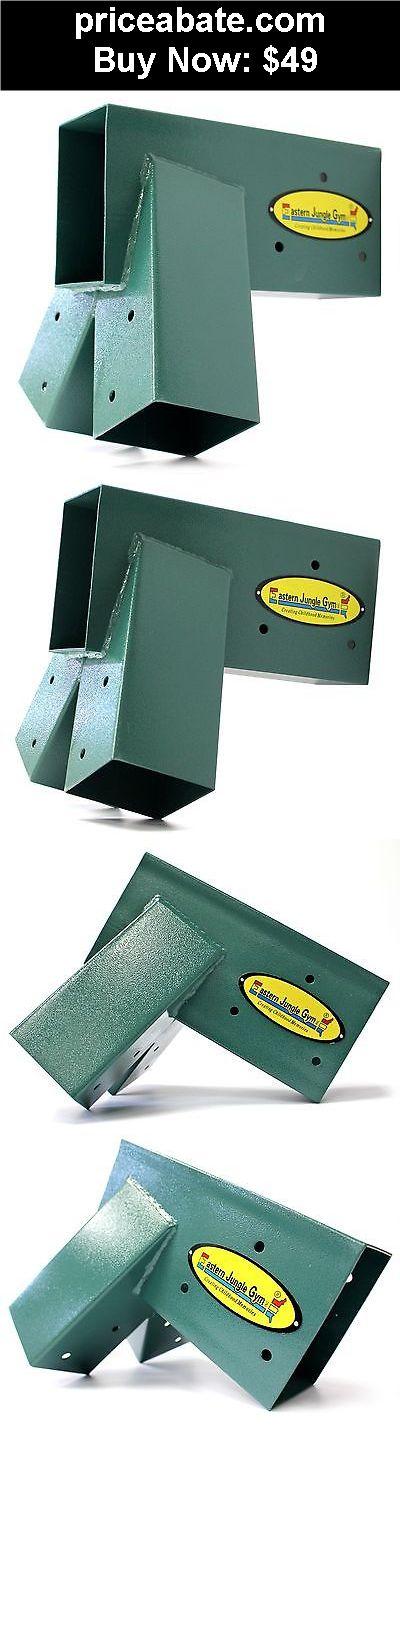 Toys: Eastern Jungle Gym Easy 1-2-3 Heavy Duty Steel A-Frame Swing Set Bracket Green - BUY IT NOW ONLY $49